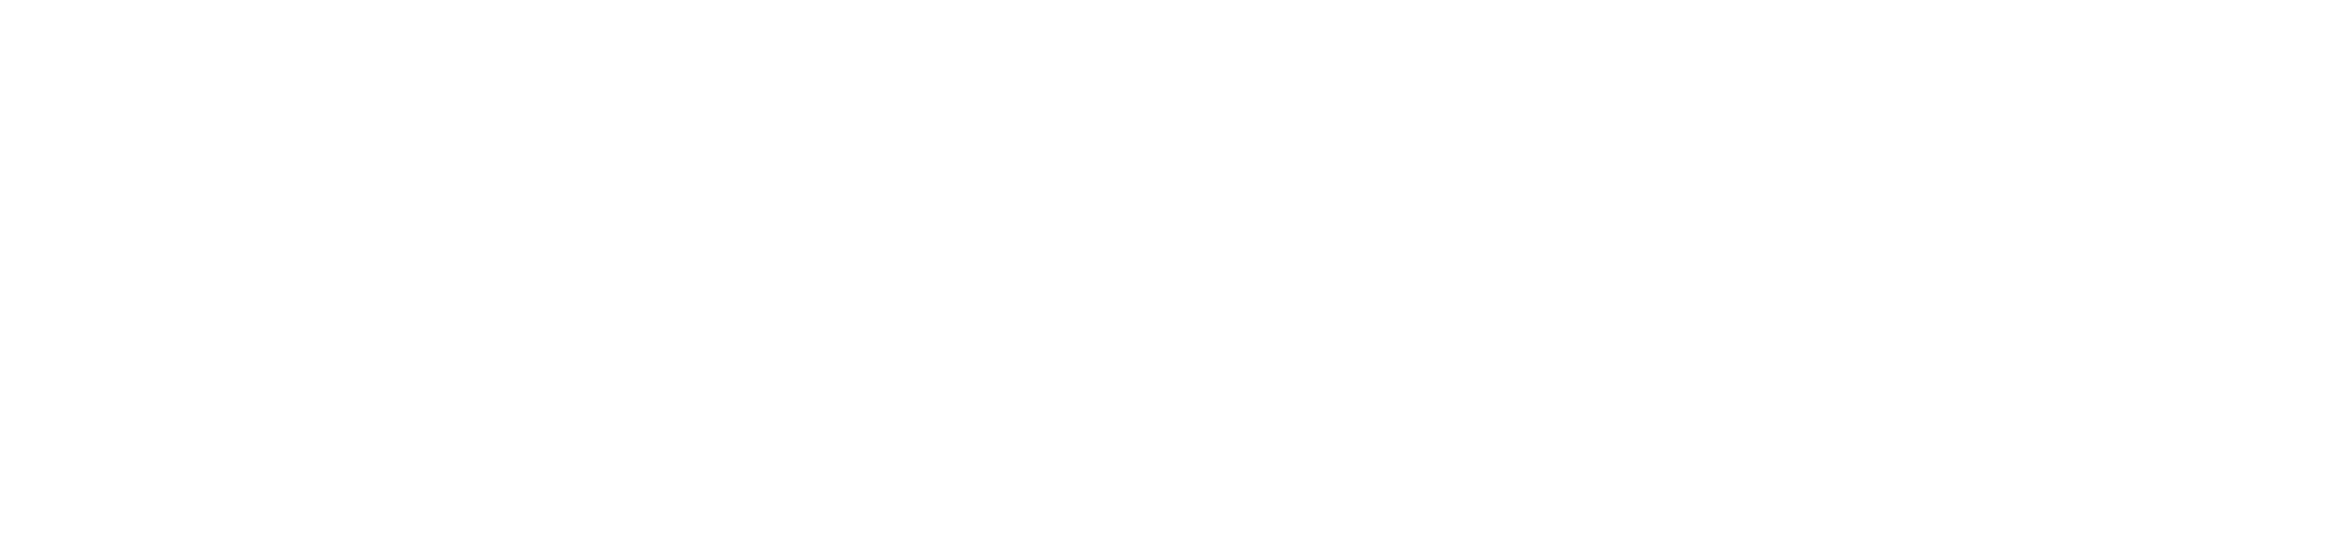 dep-soins-pastoraux-2330×550-background